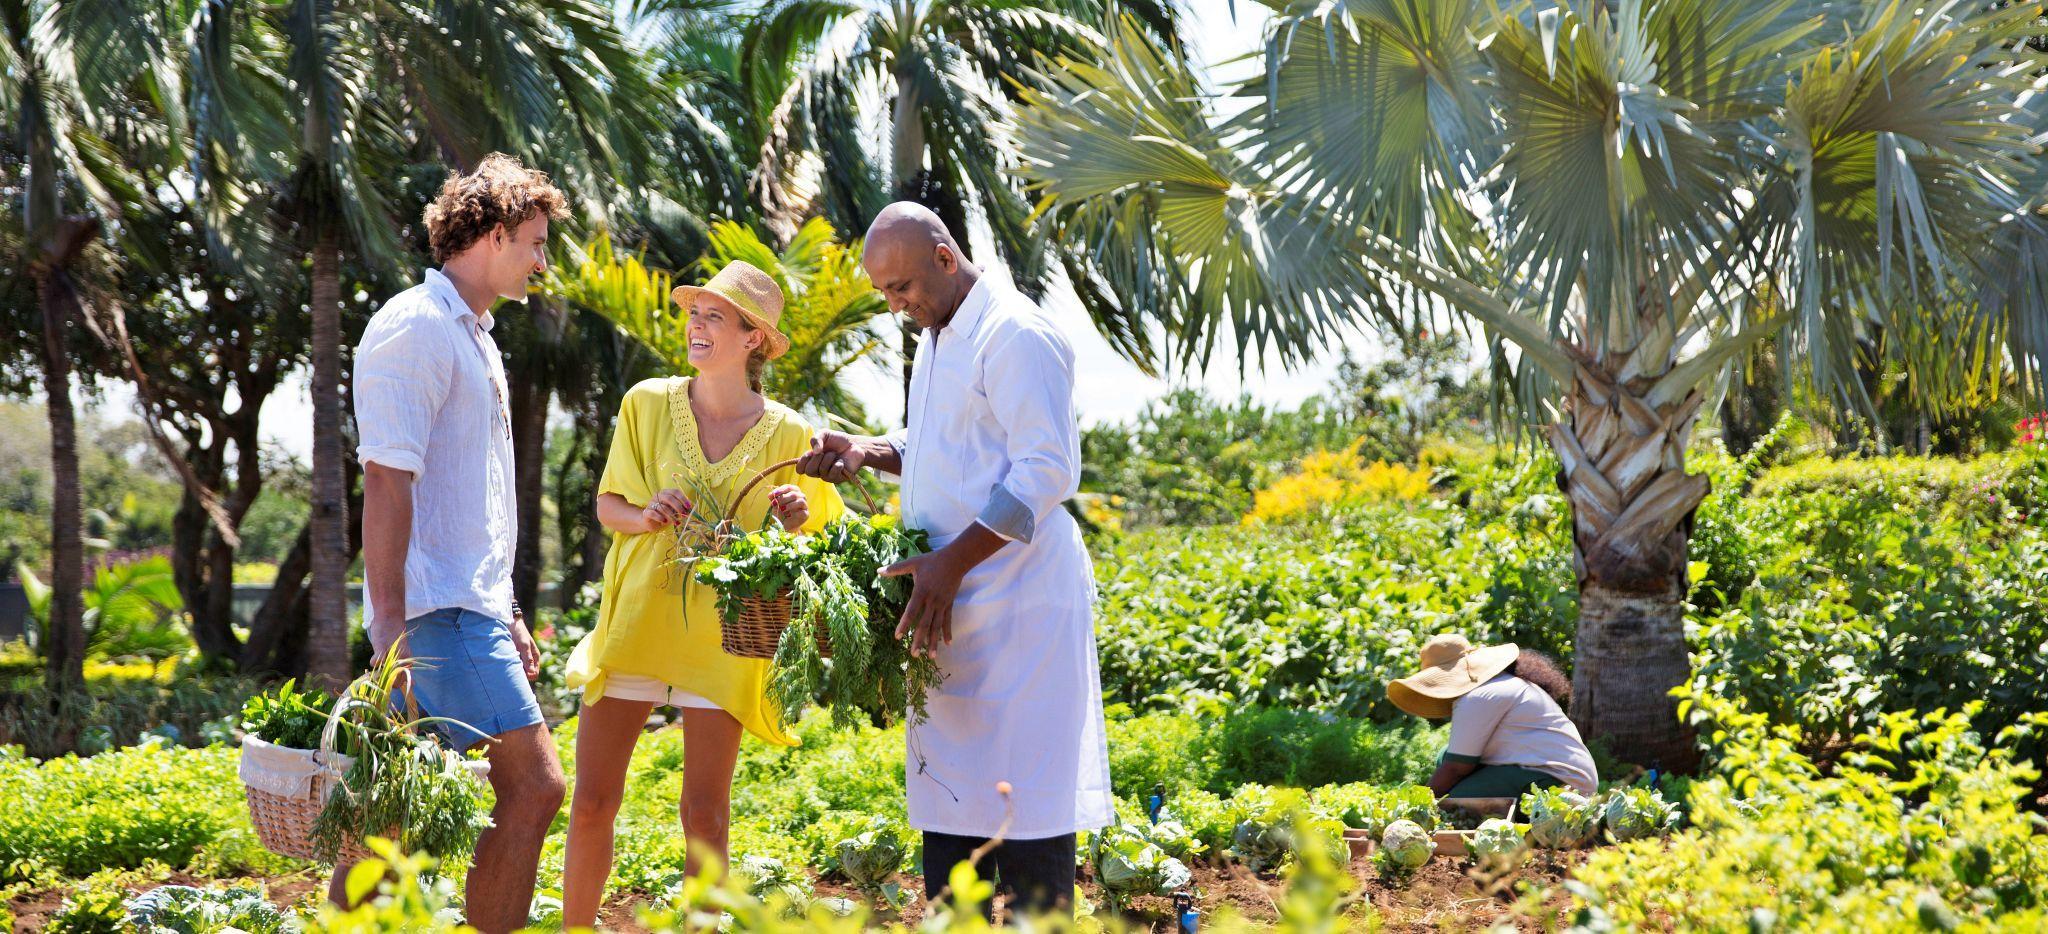 Ein Paar steht mit einem Hotelangestellten in einem Kräutergarten